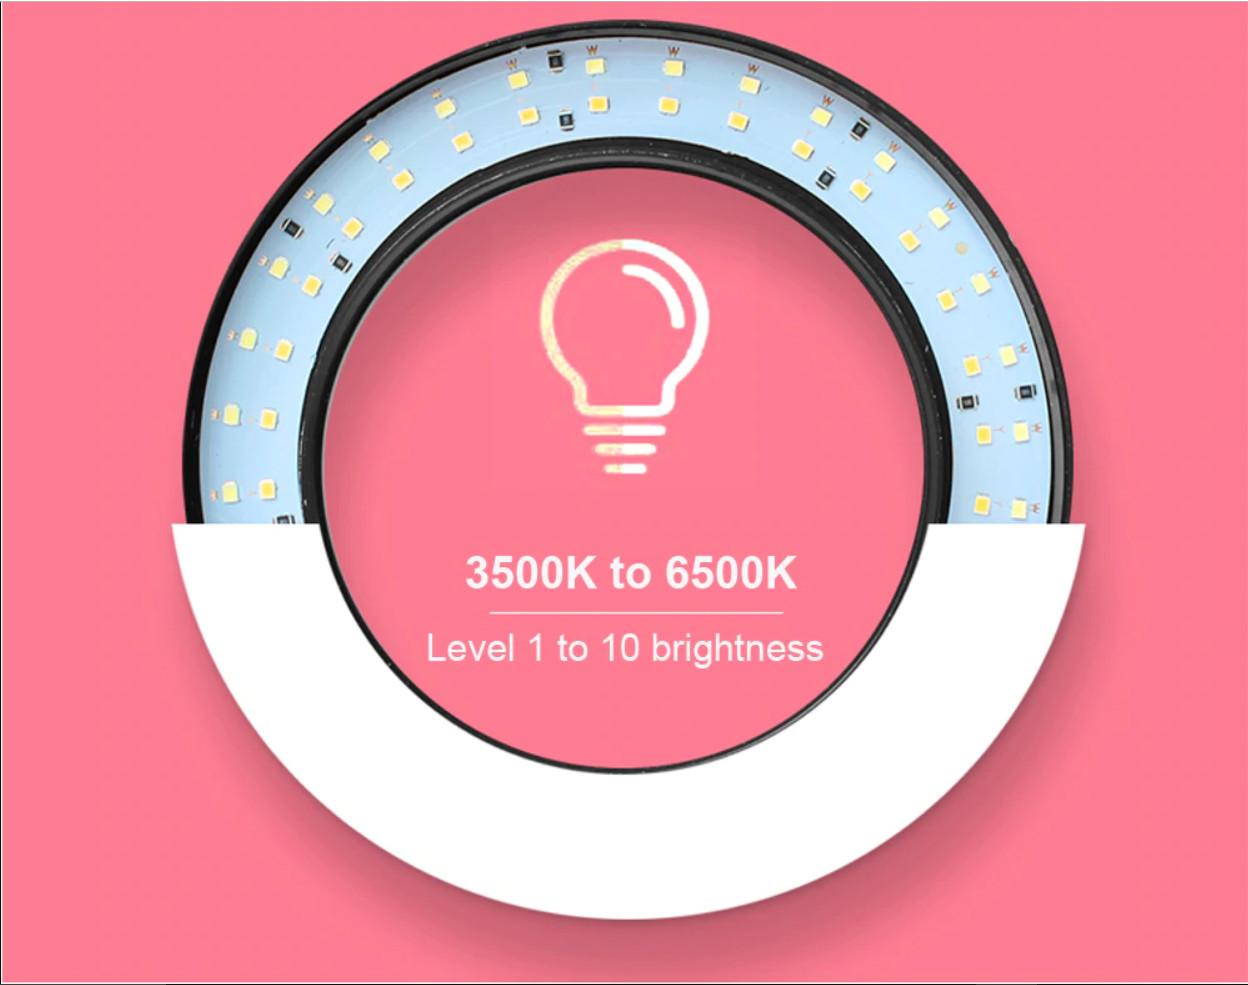 Combo Vòng Đèn Led 3 Chế Độ Sáng Ring Fill Lighting Live Streaming 26cm + Chân Tripod 2m + Đầu kẹp điện thoại